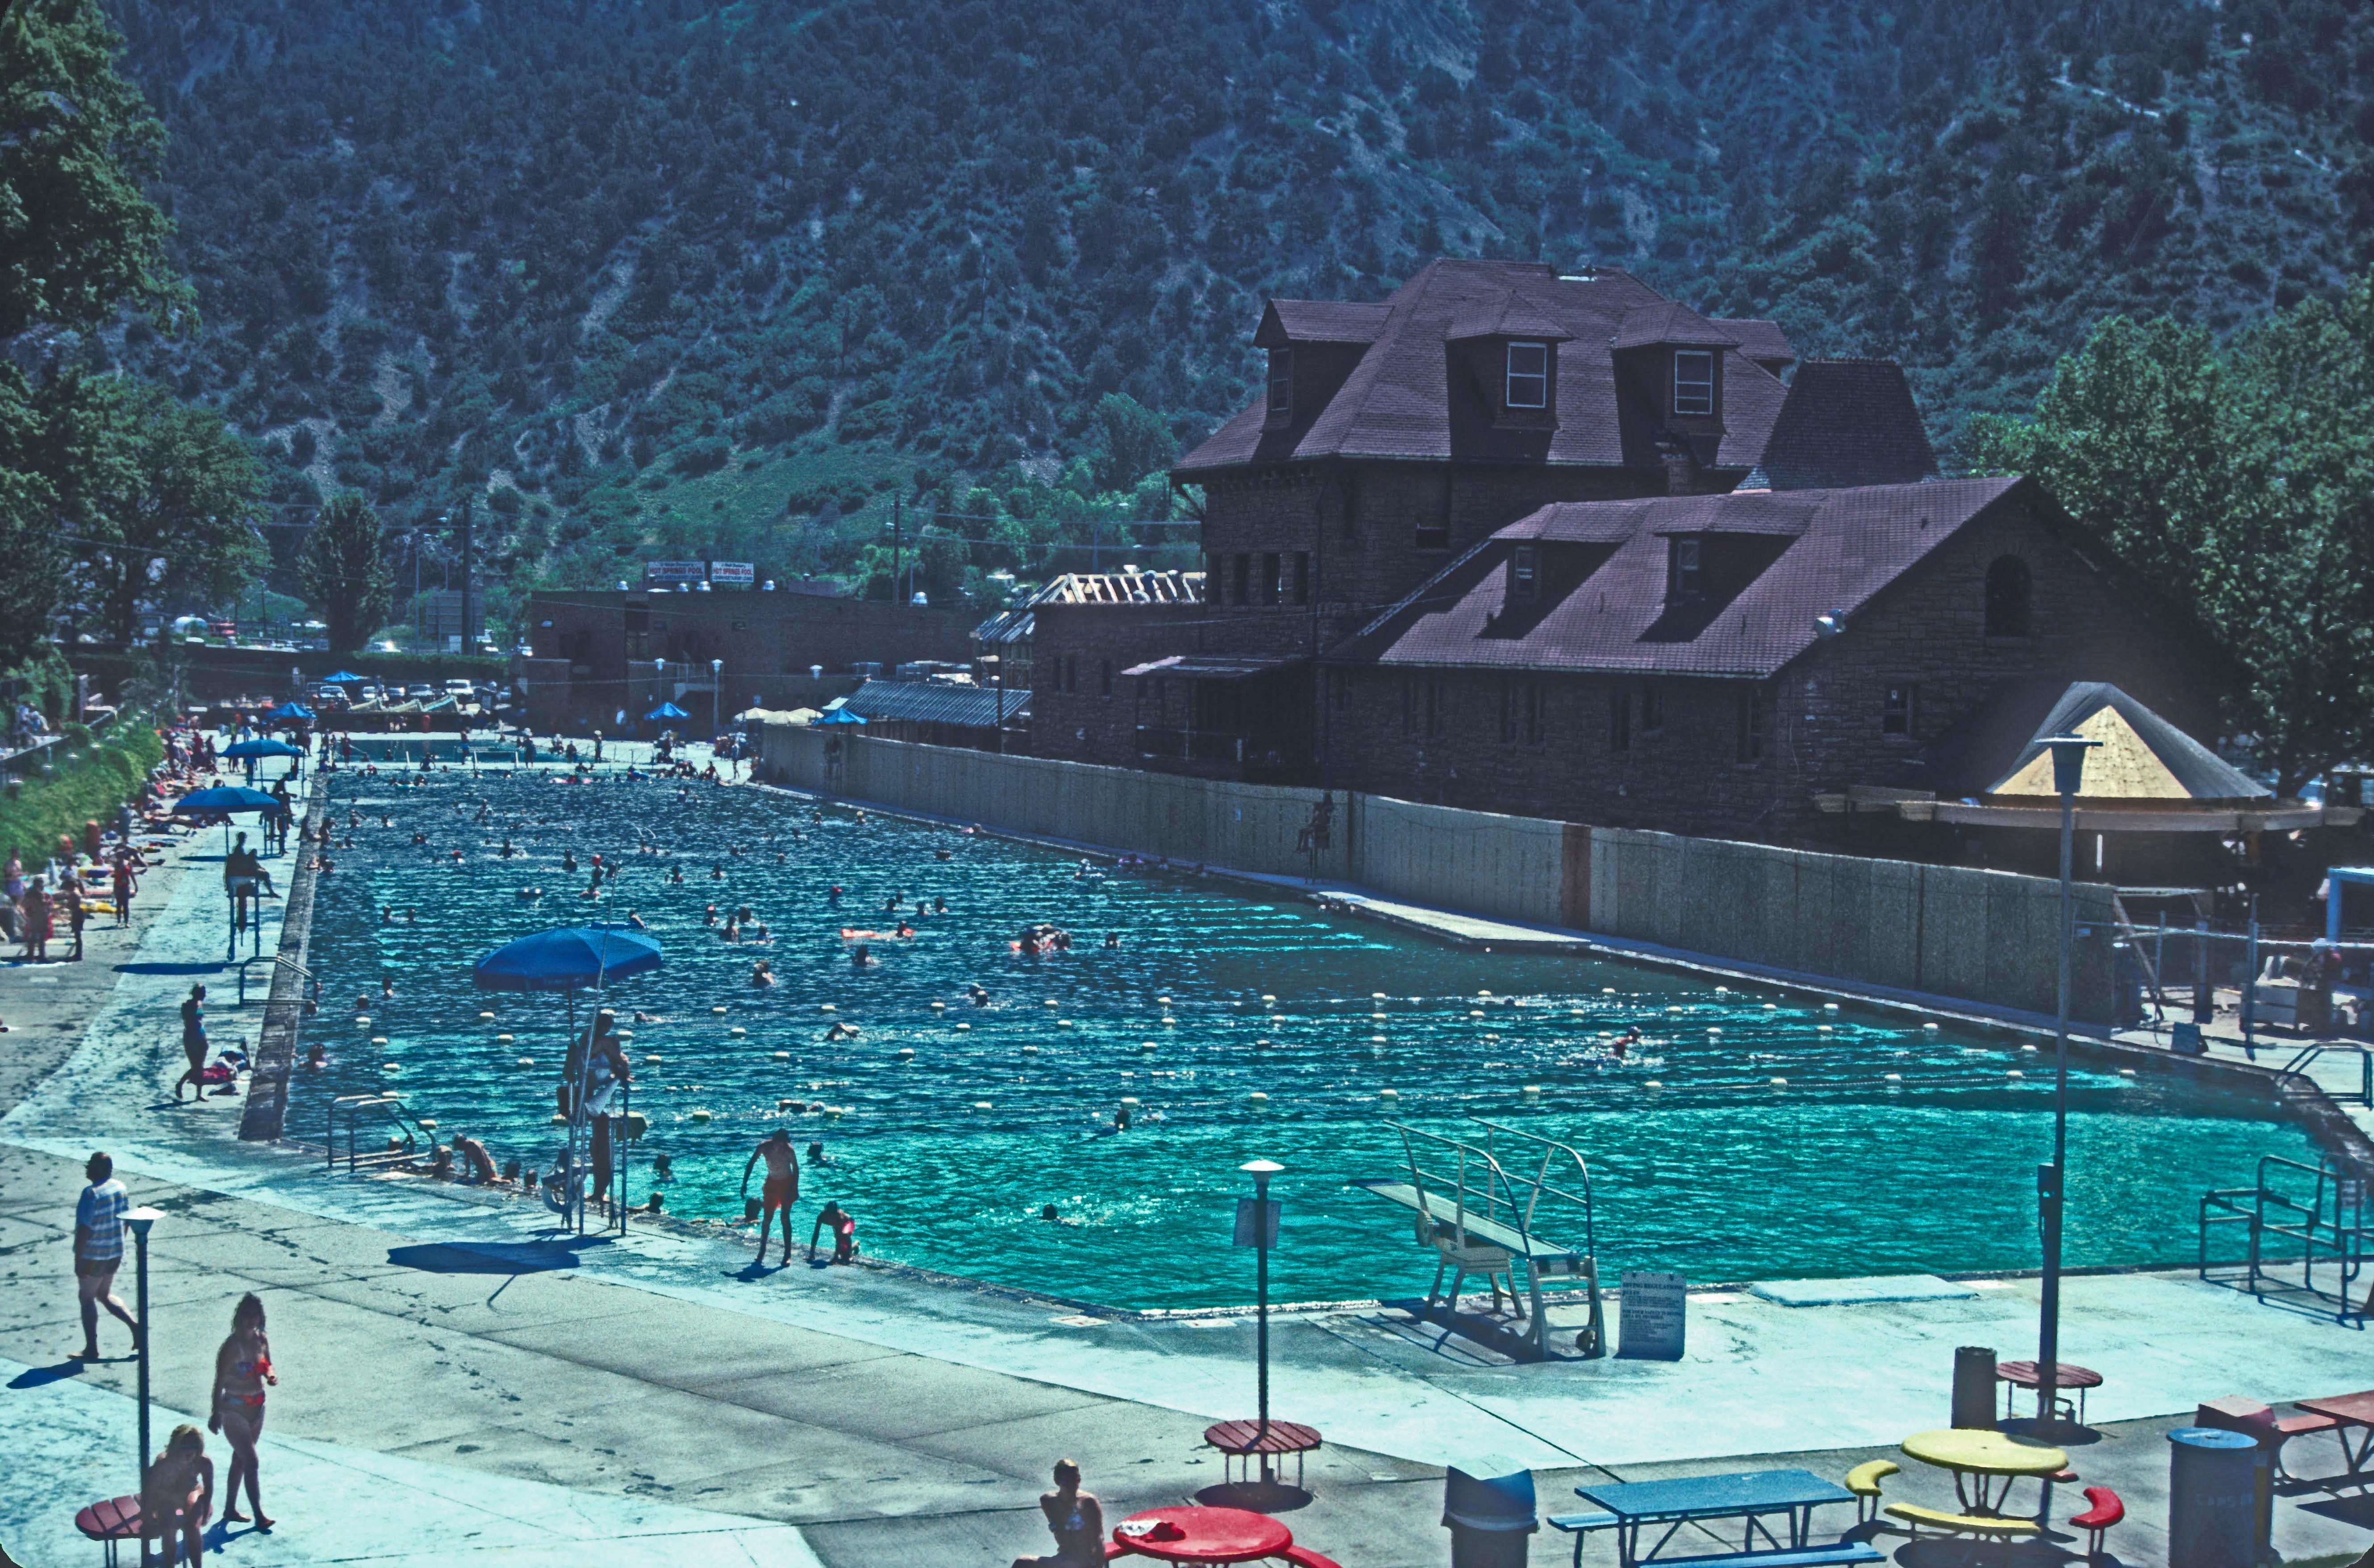 Spa Resort Glenwood Springs